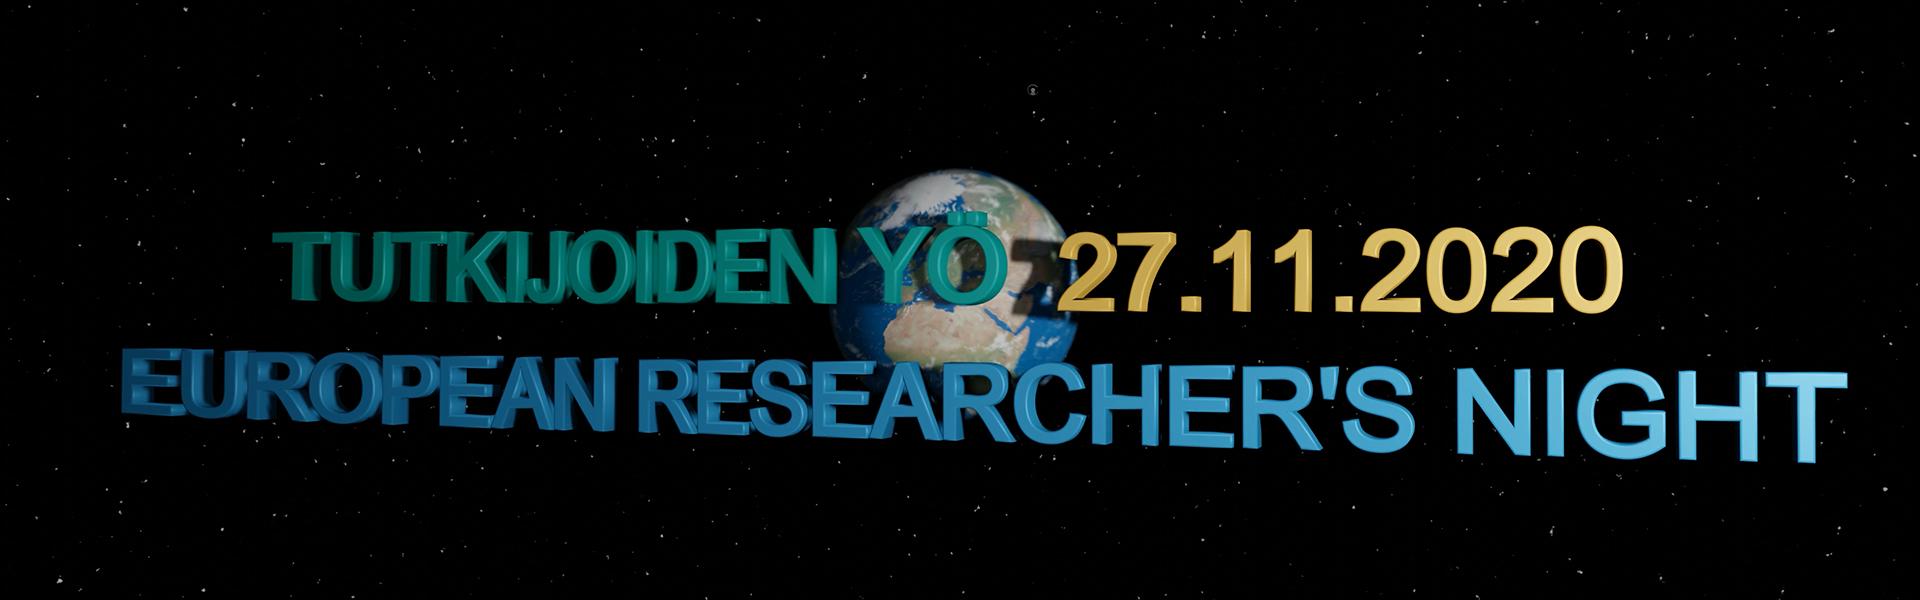 Tutkijoiden yö 2020